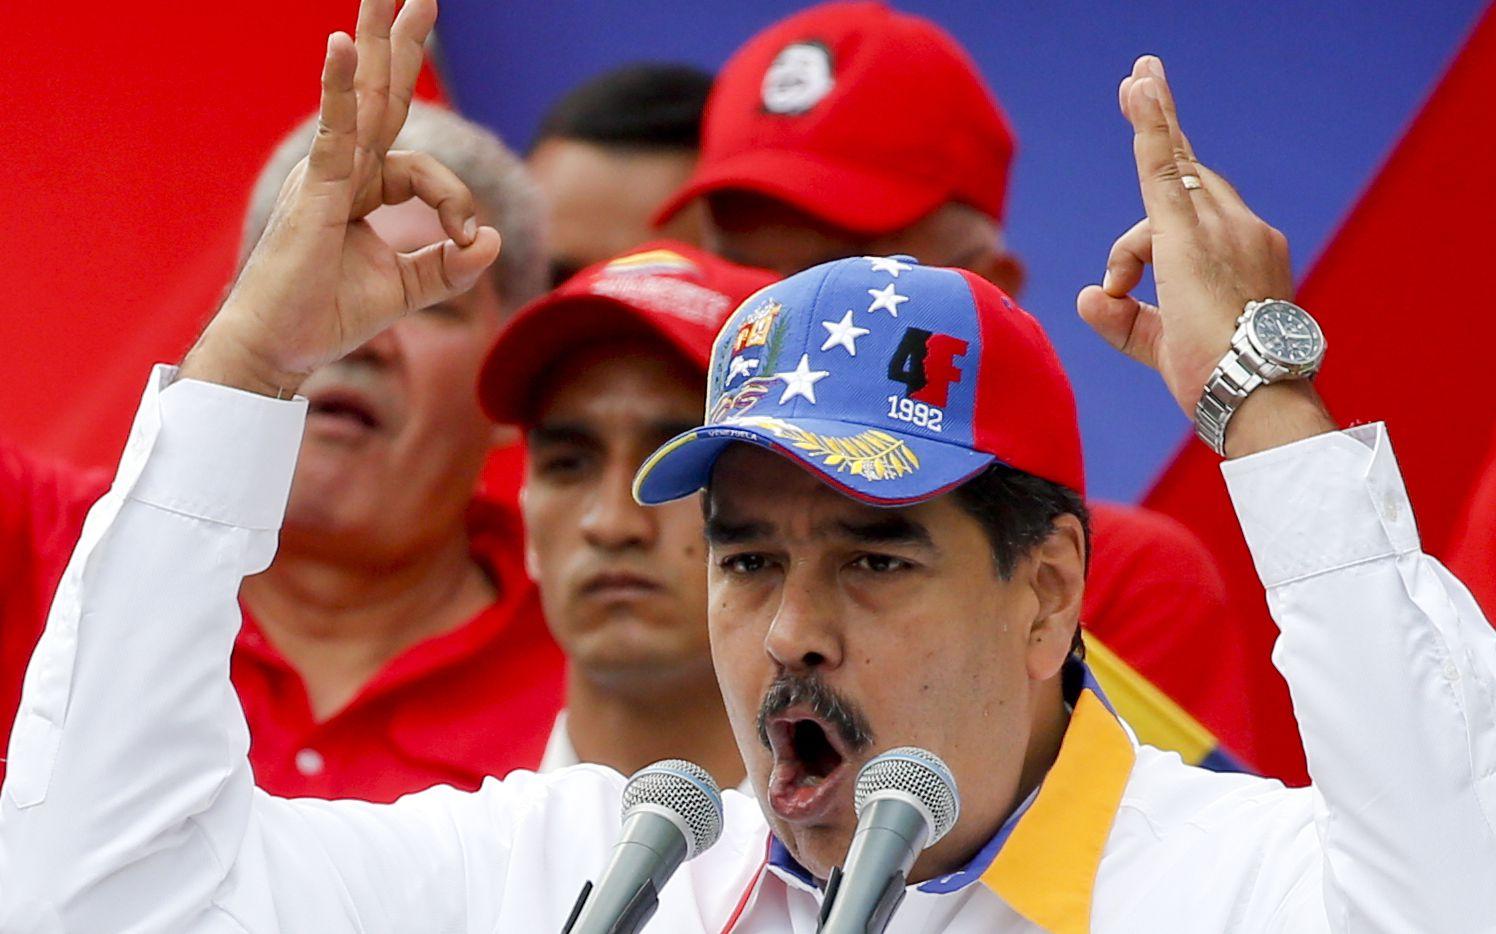 Nicolás Maduro dijo que acepta el reto de dejar el sillón presidencial si su partido no se impone en las elecciones de diciembre.